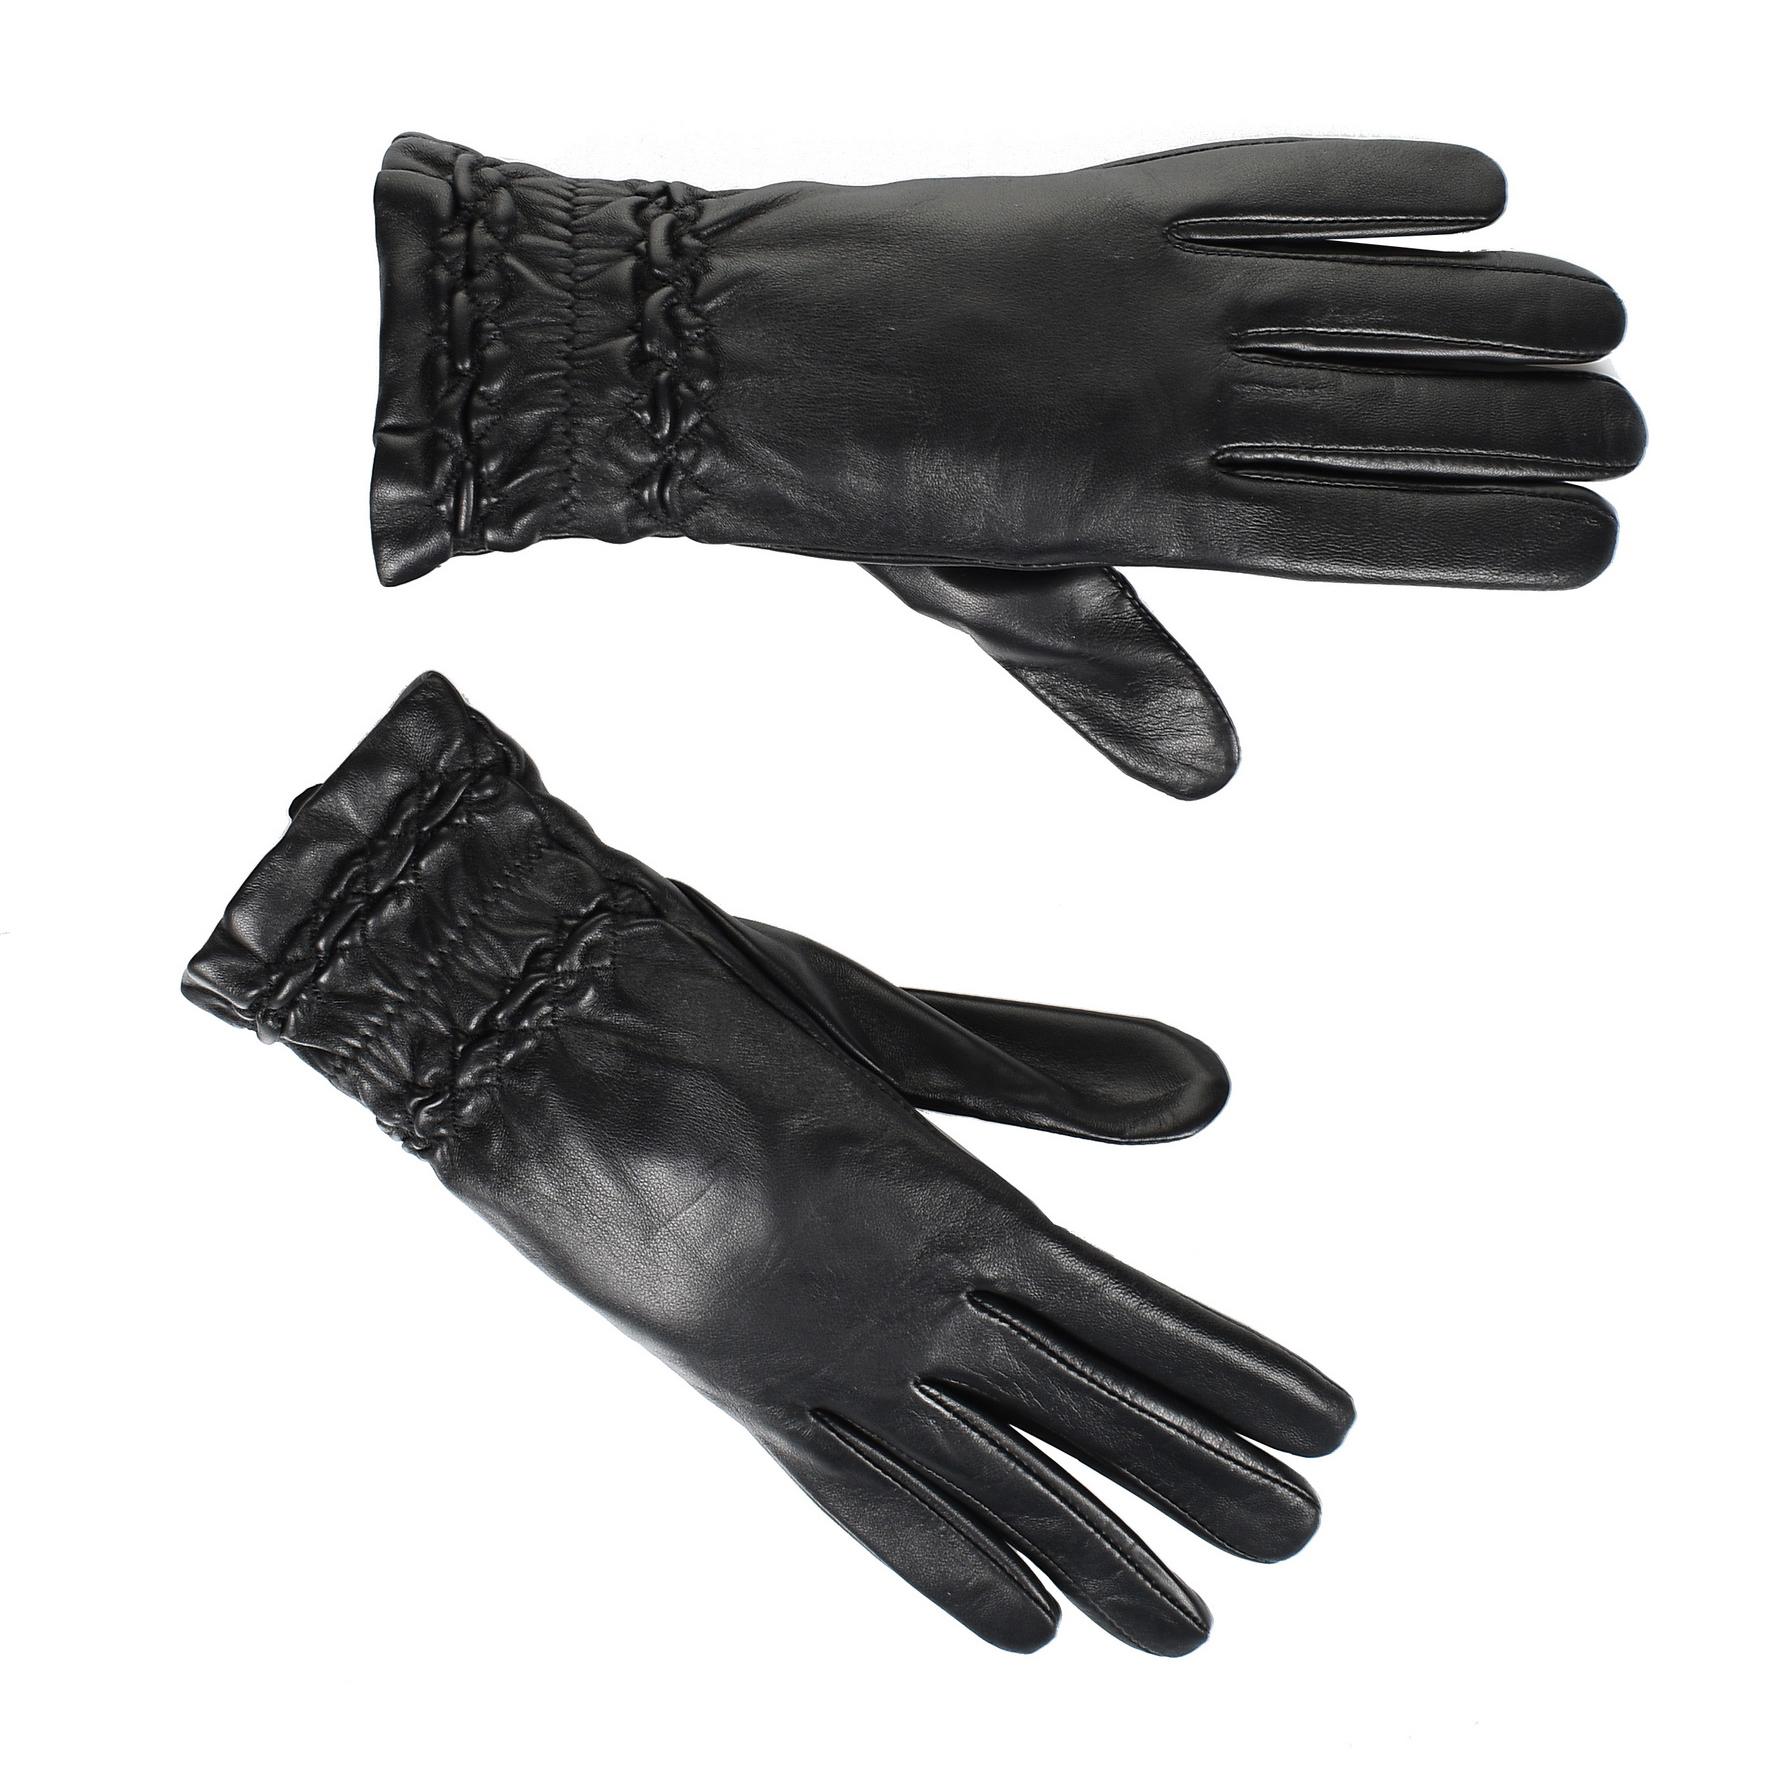 Δερμάτινα Γάντια Guy Laroche 98875 γυναικα   γυναικείο γάντι